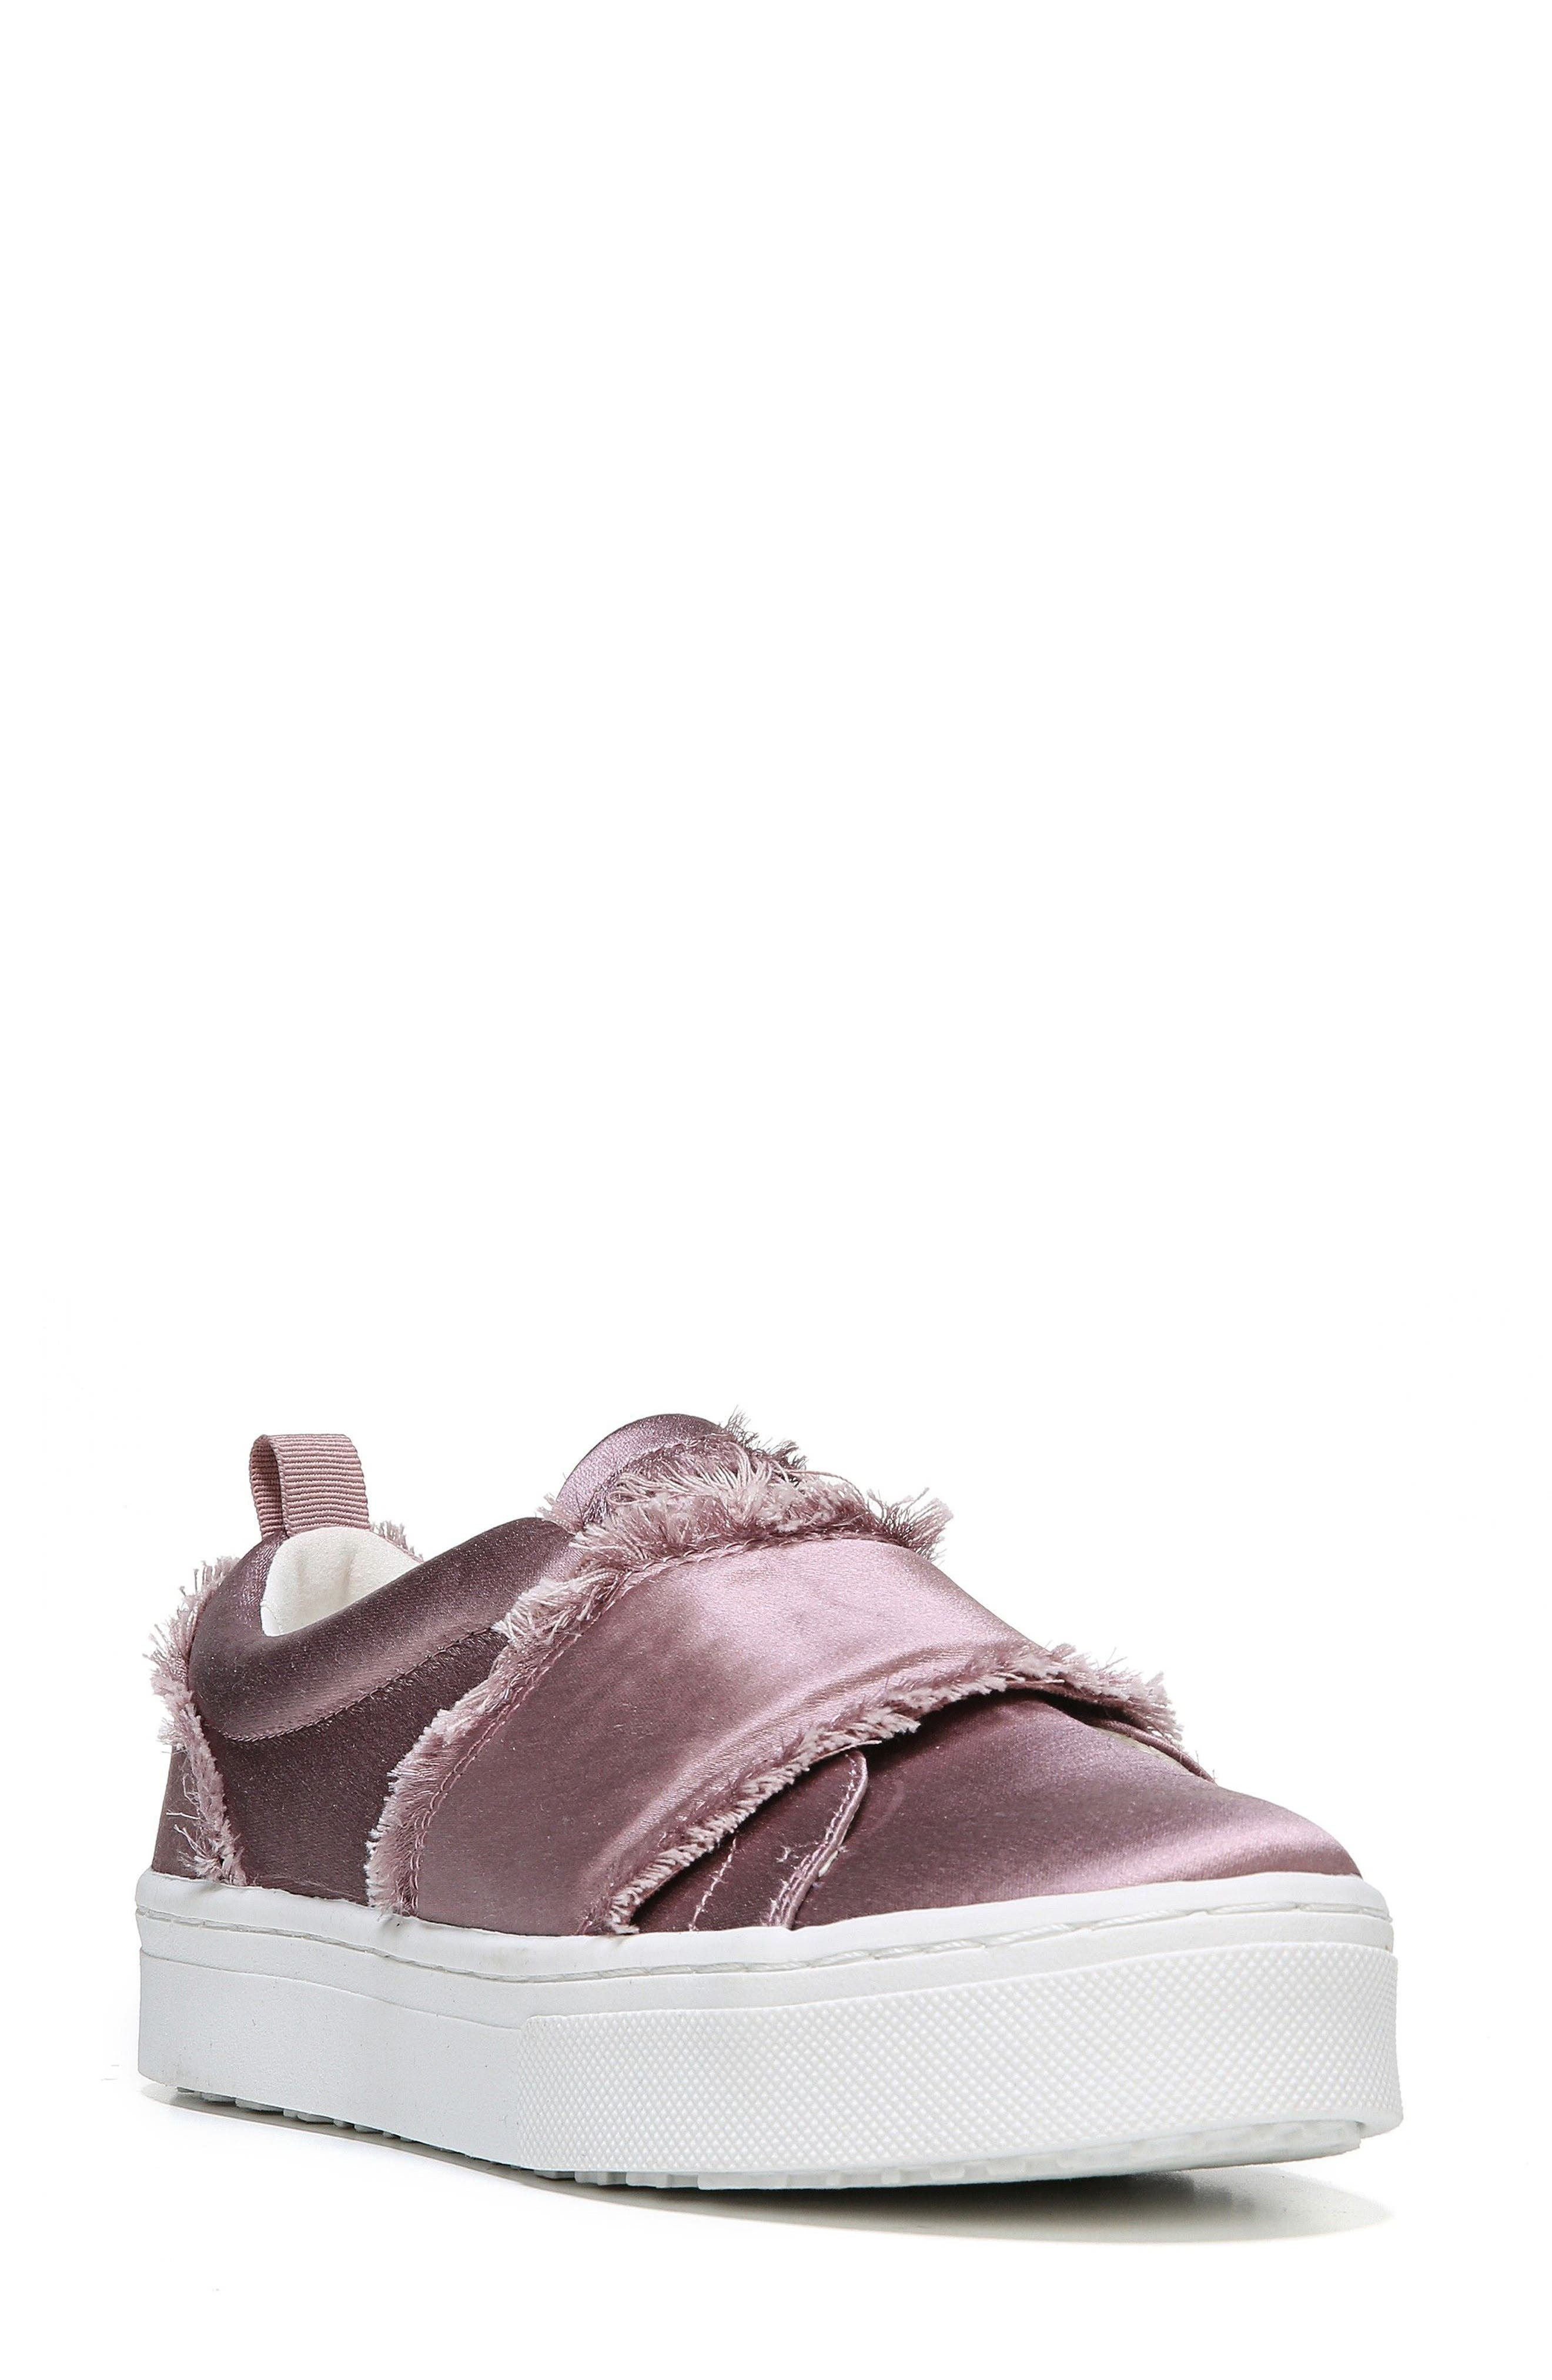 Main Image - Sam Edelman Levine Fringe Slip-On Platform Sneaker (Women)